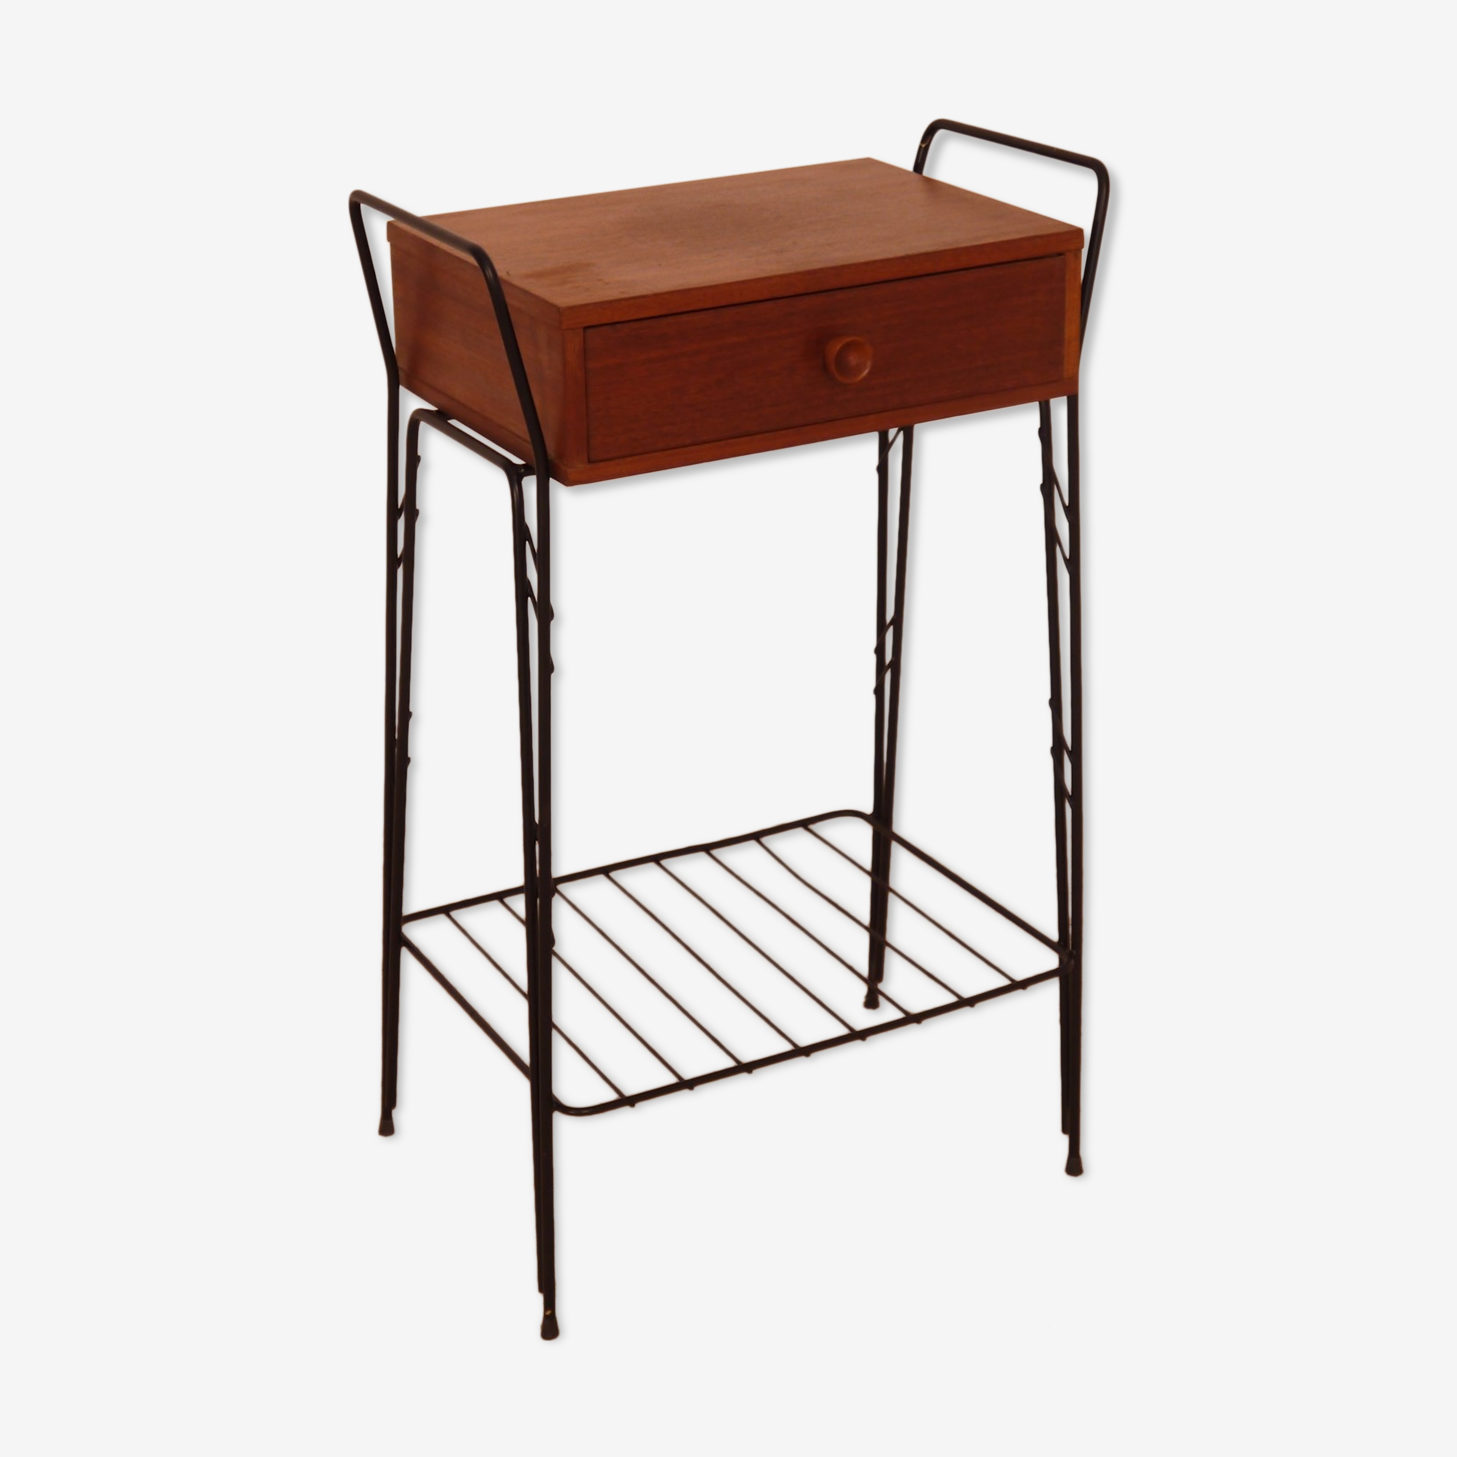 Table appoint vintage métal et bois